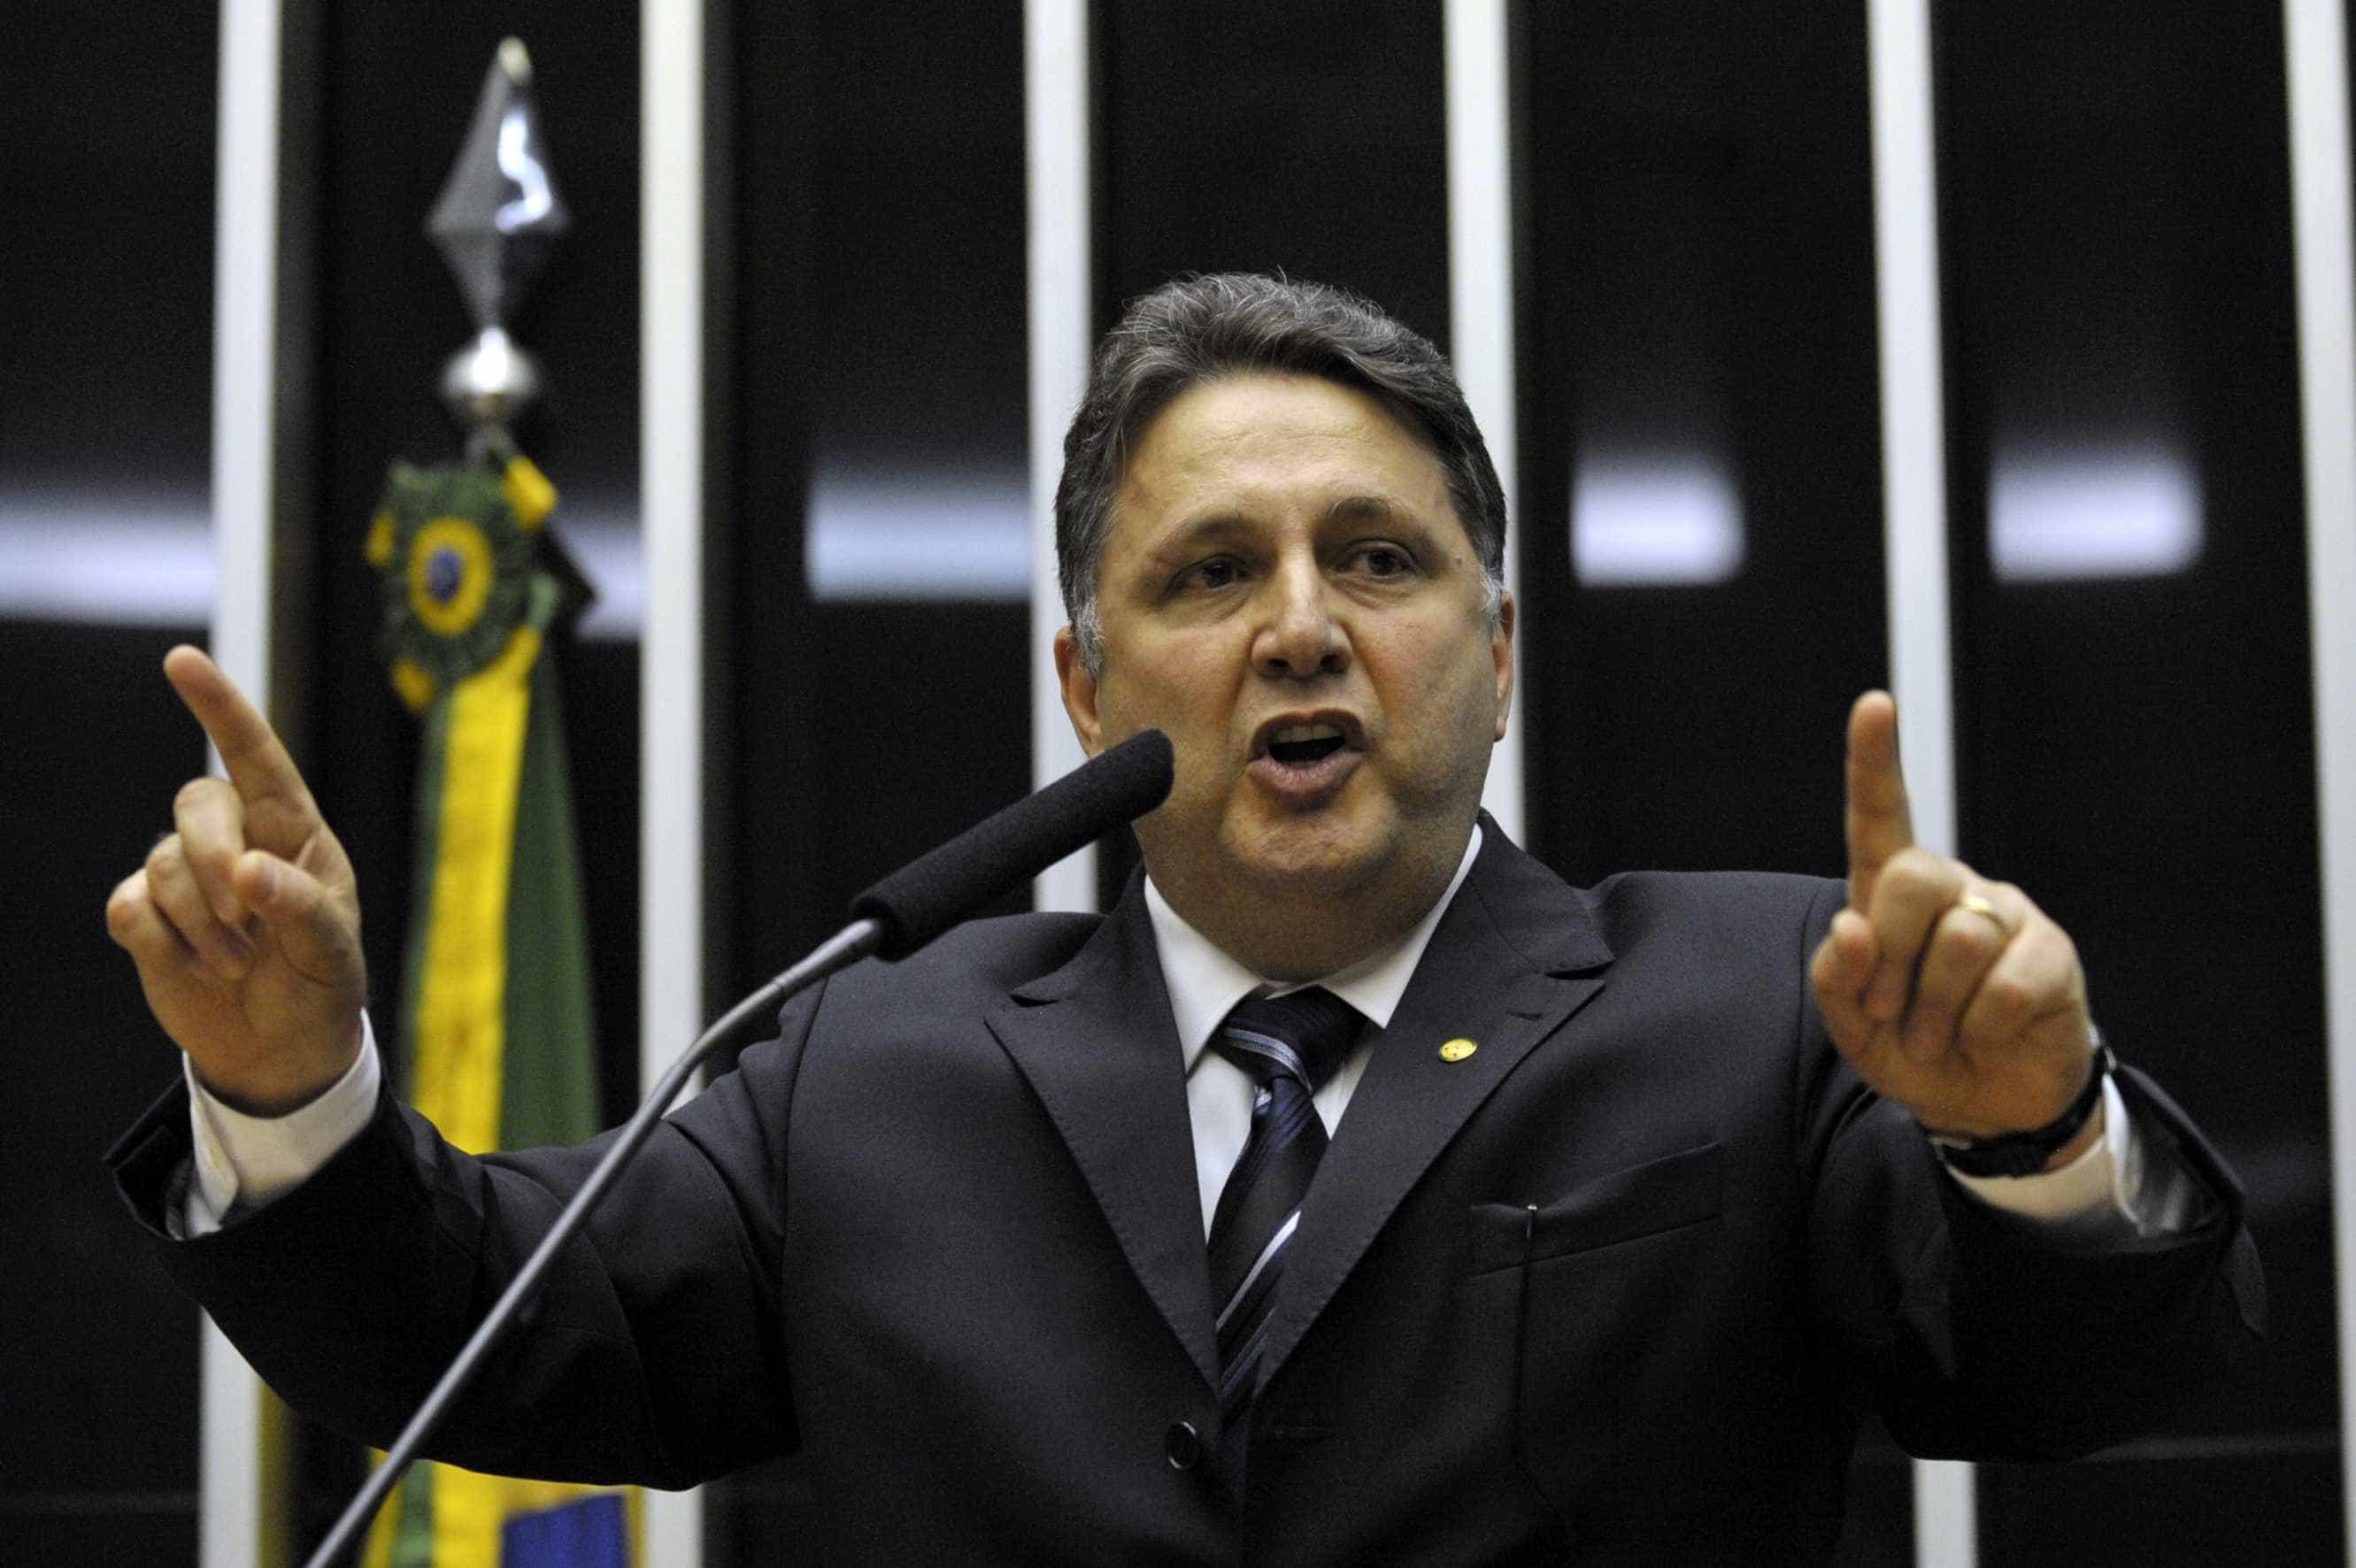 Garotinho é condenado a perda de direitos políticos por oito anos